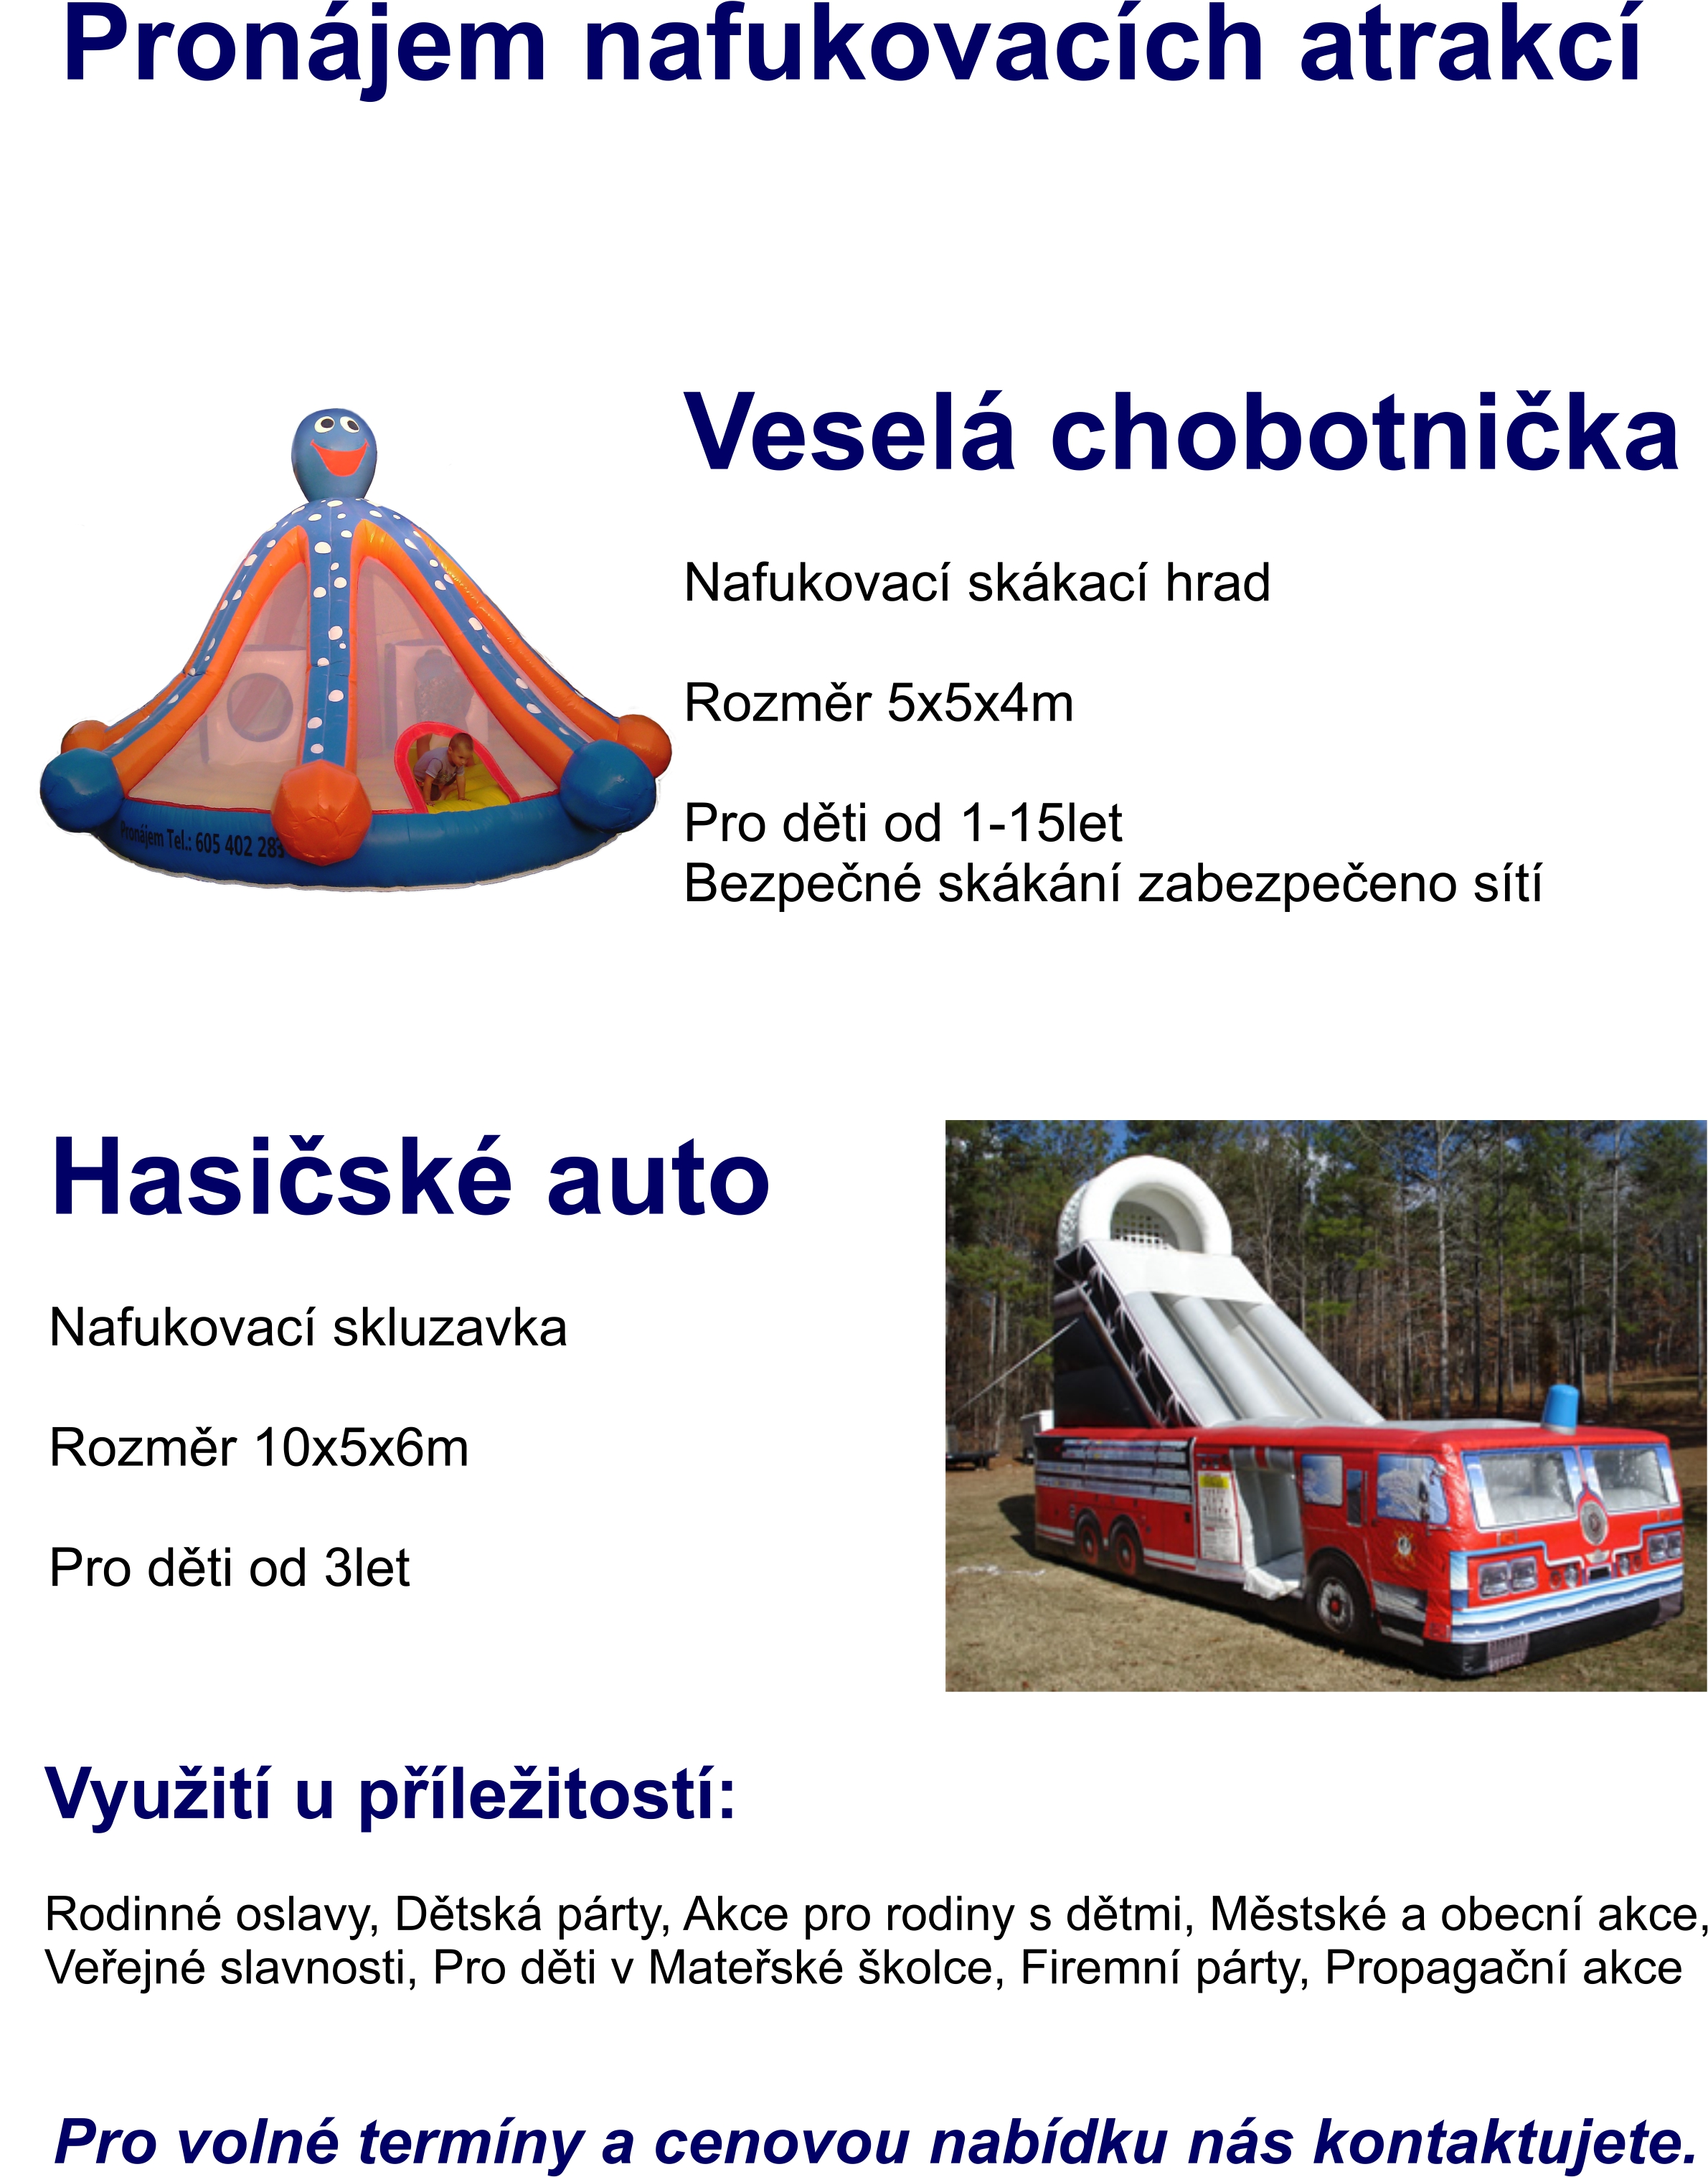 Reklamní předměty na míru, skluzavka hasičské auto Prostějov